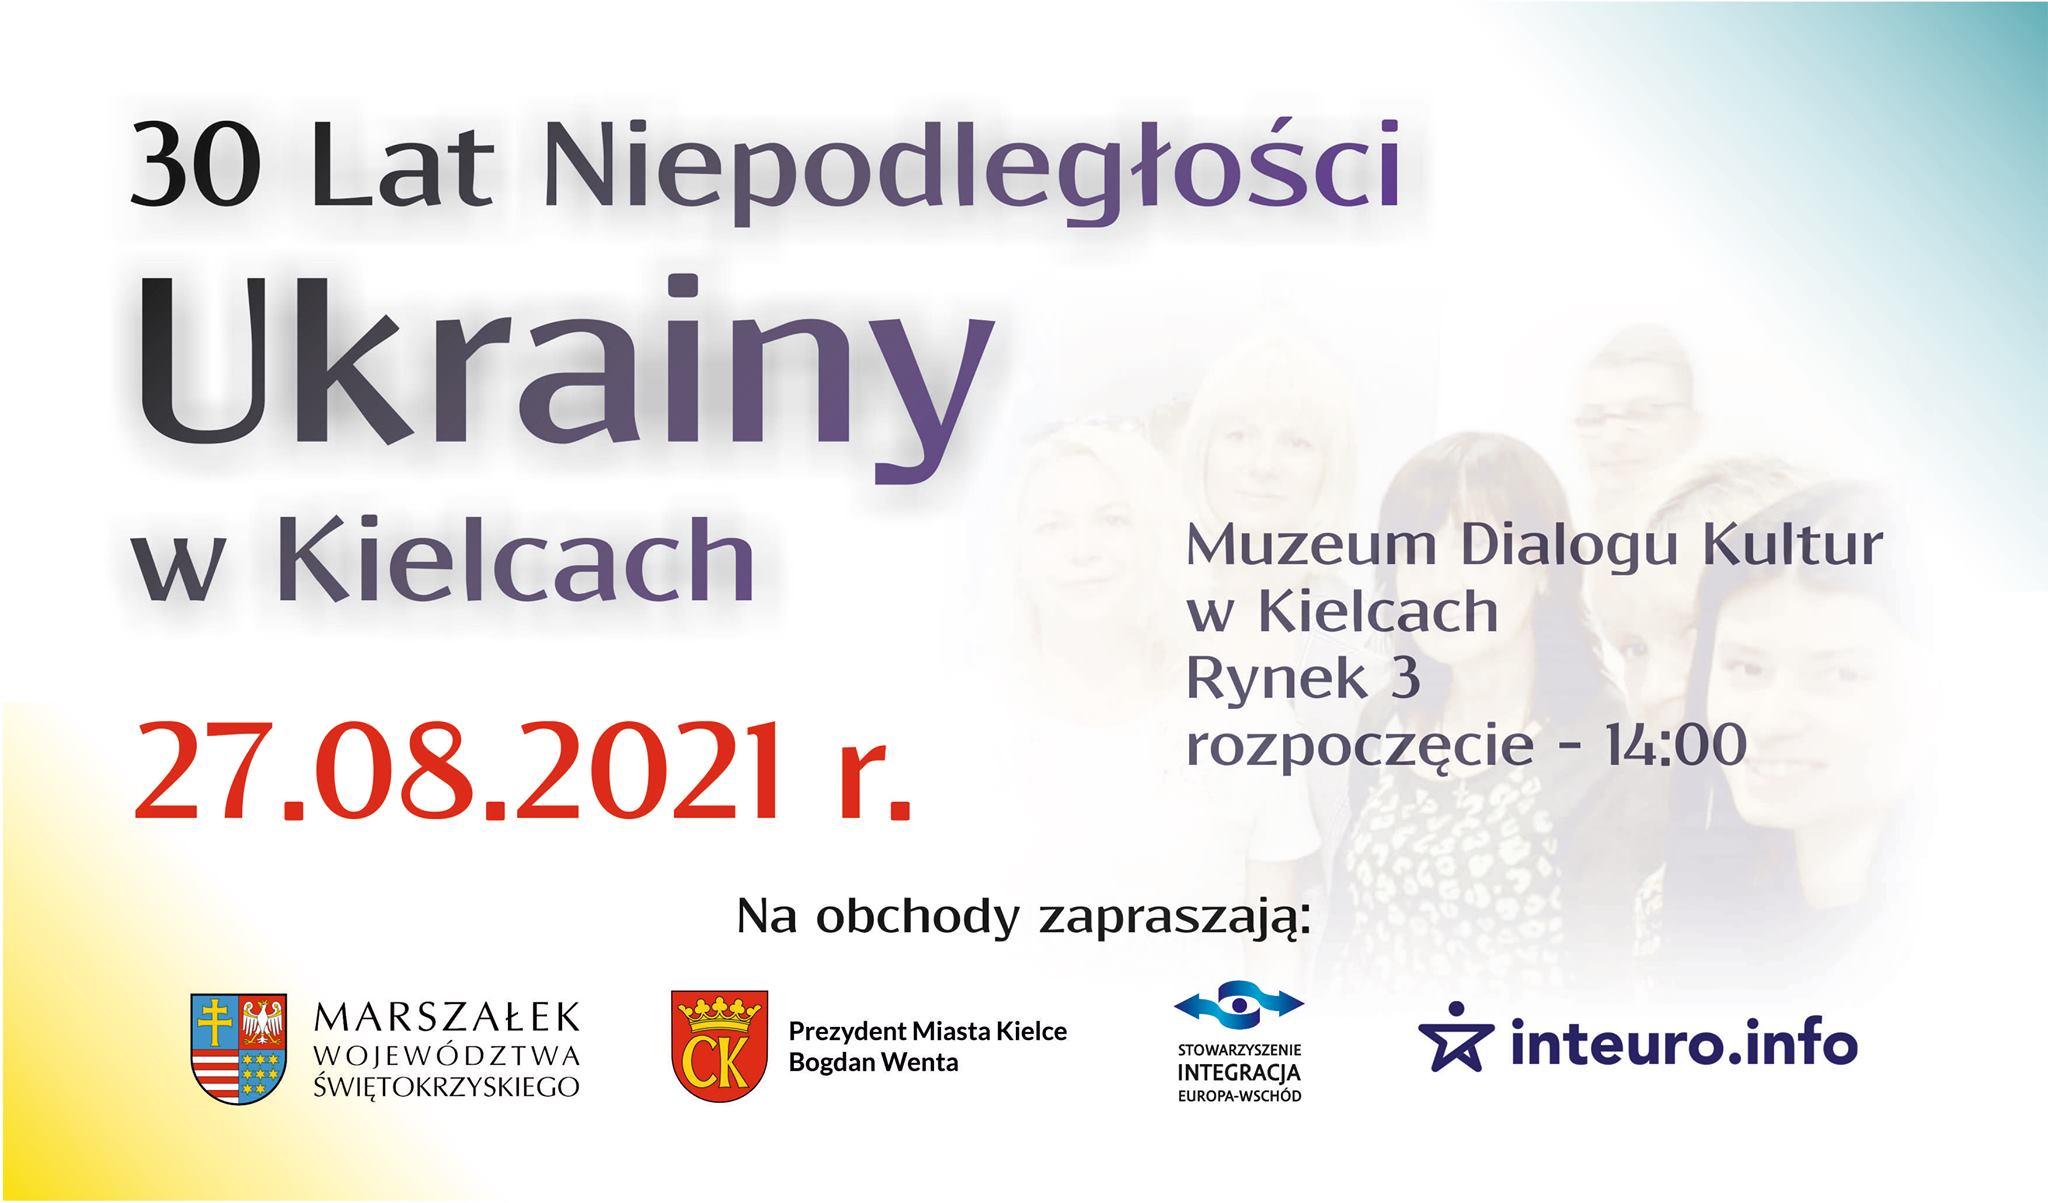 Serdecznie zapraszamy do udziału w obchodach 30 Rocznicy Niepodległości Ukrainy